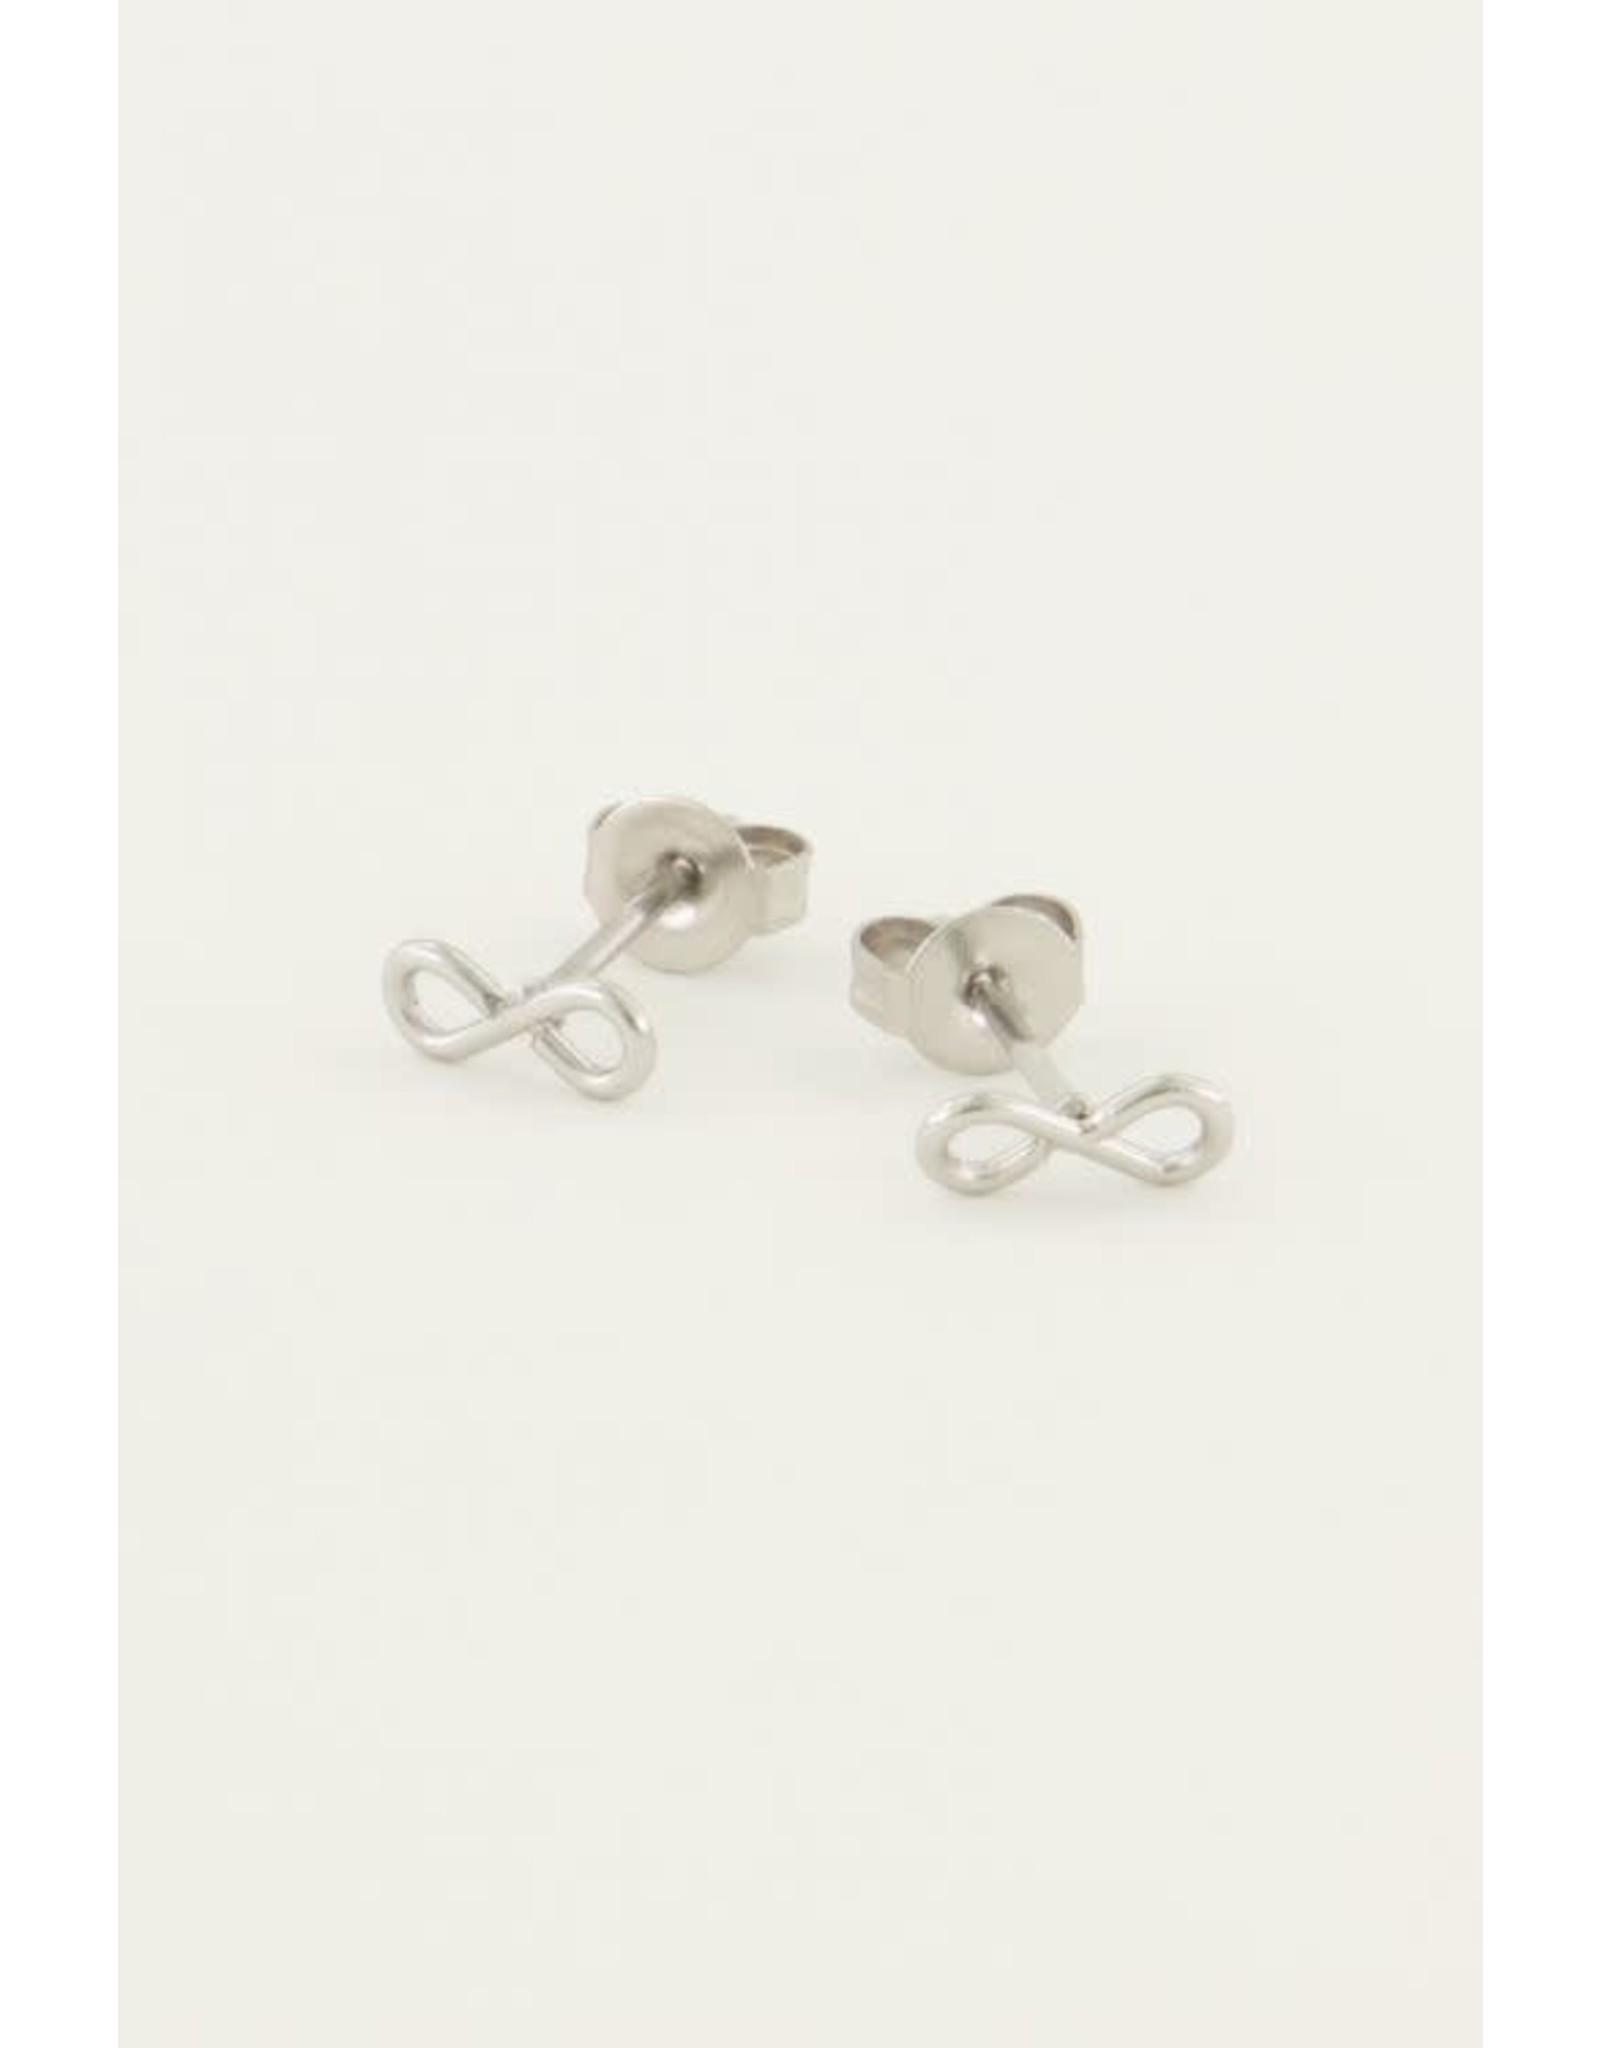 My Jewellery My Jewellery earstuds infinity